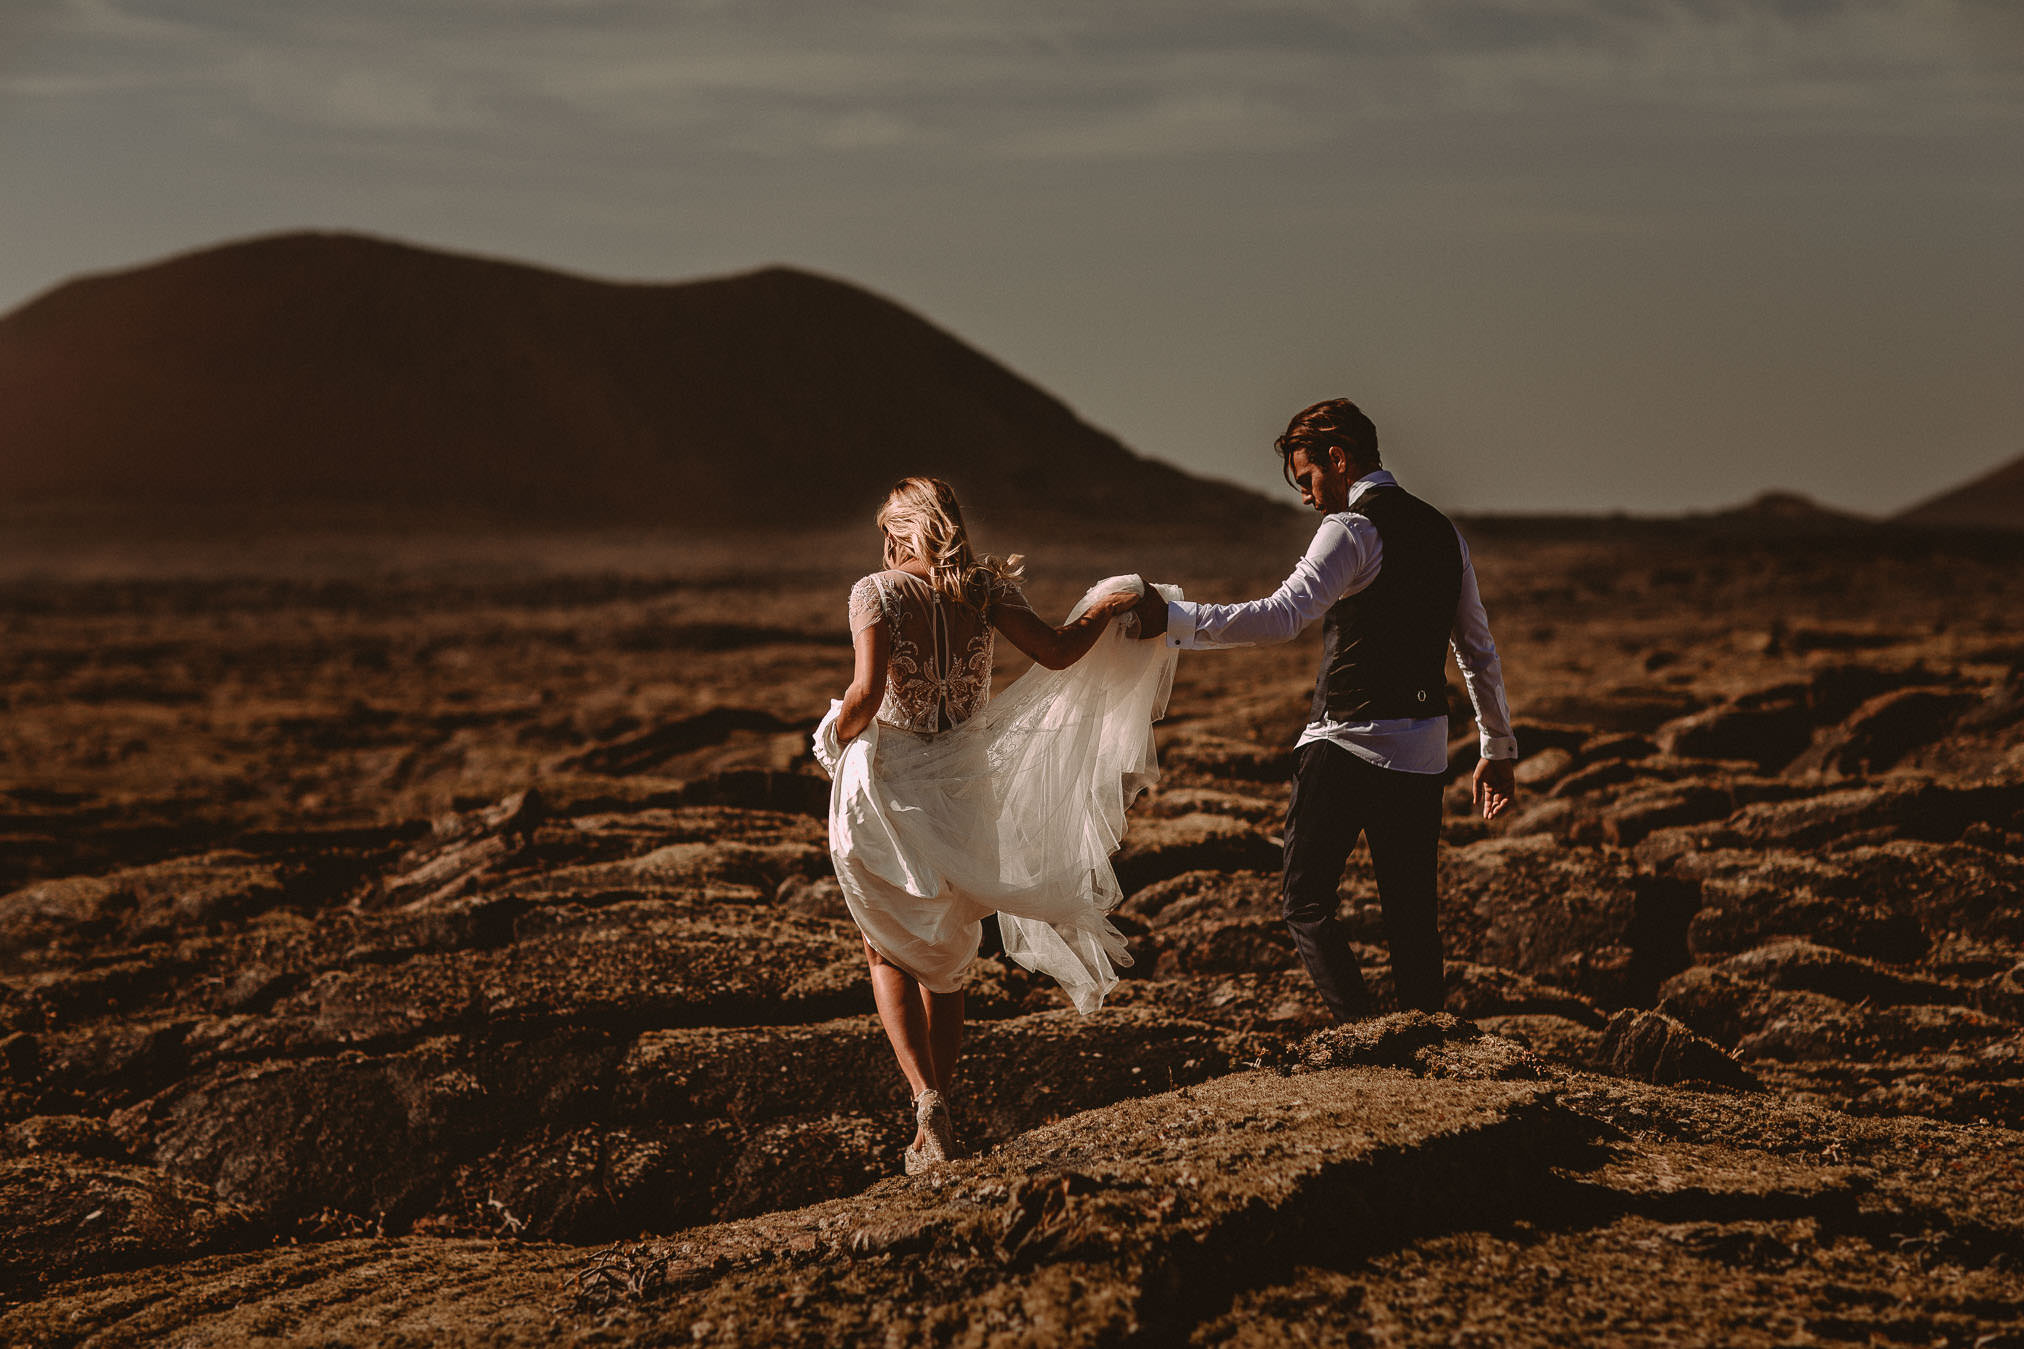 fotografo de bodas alternativo en España